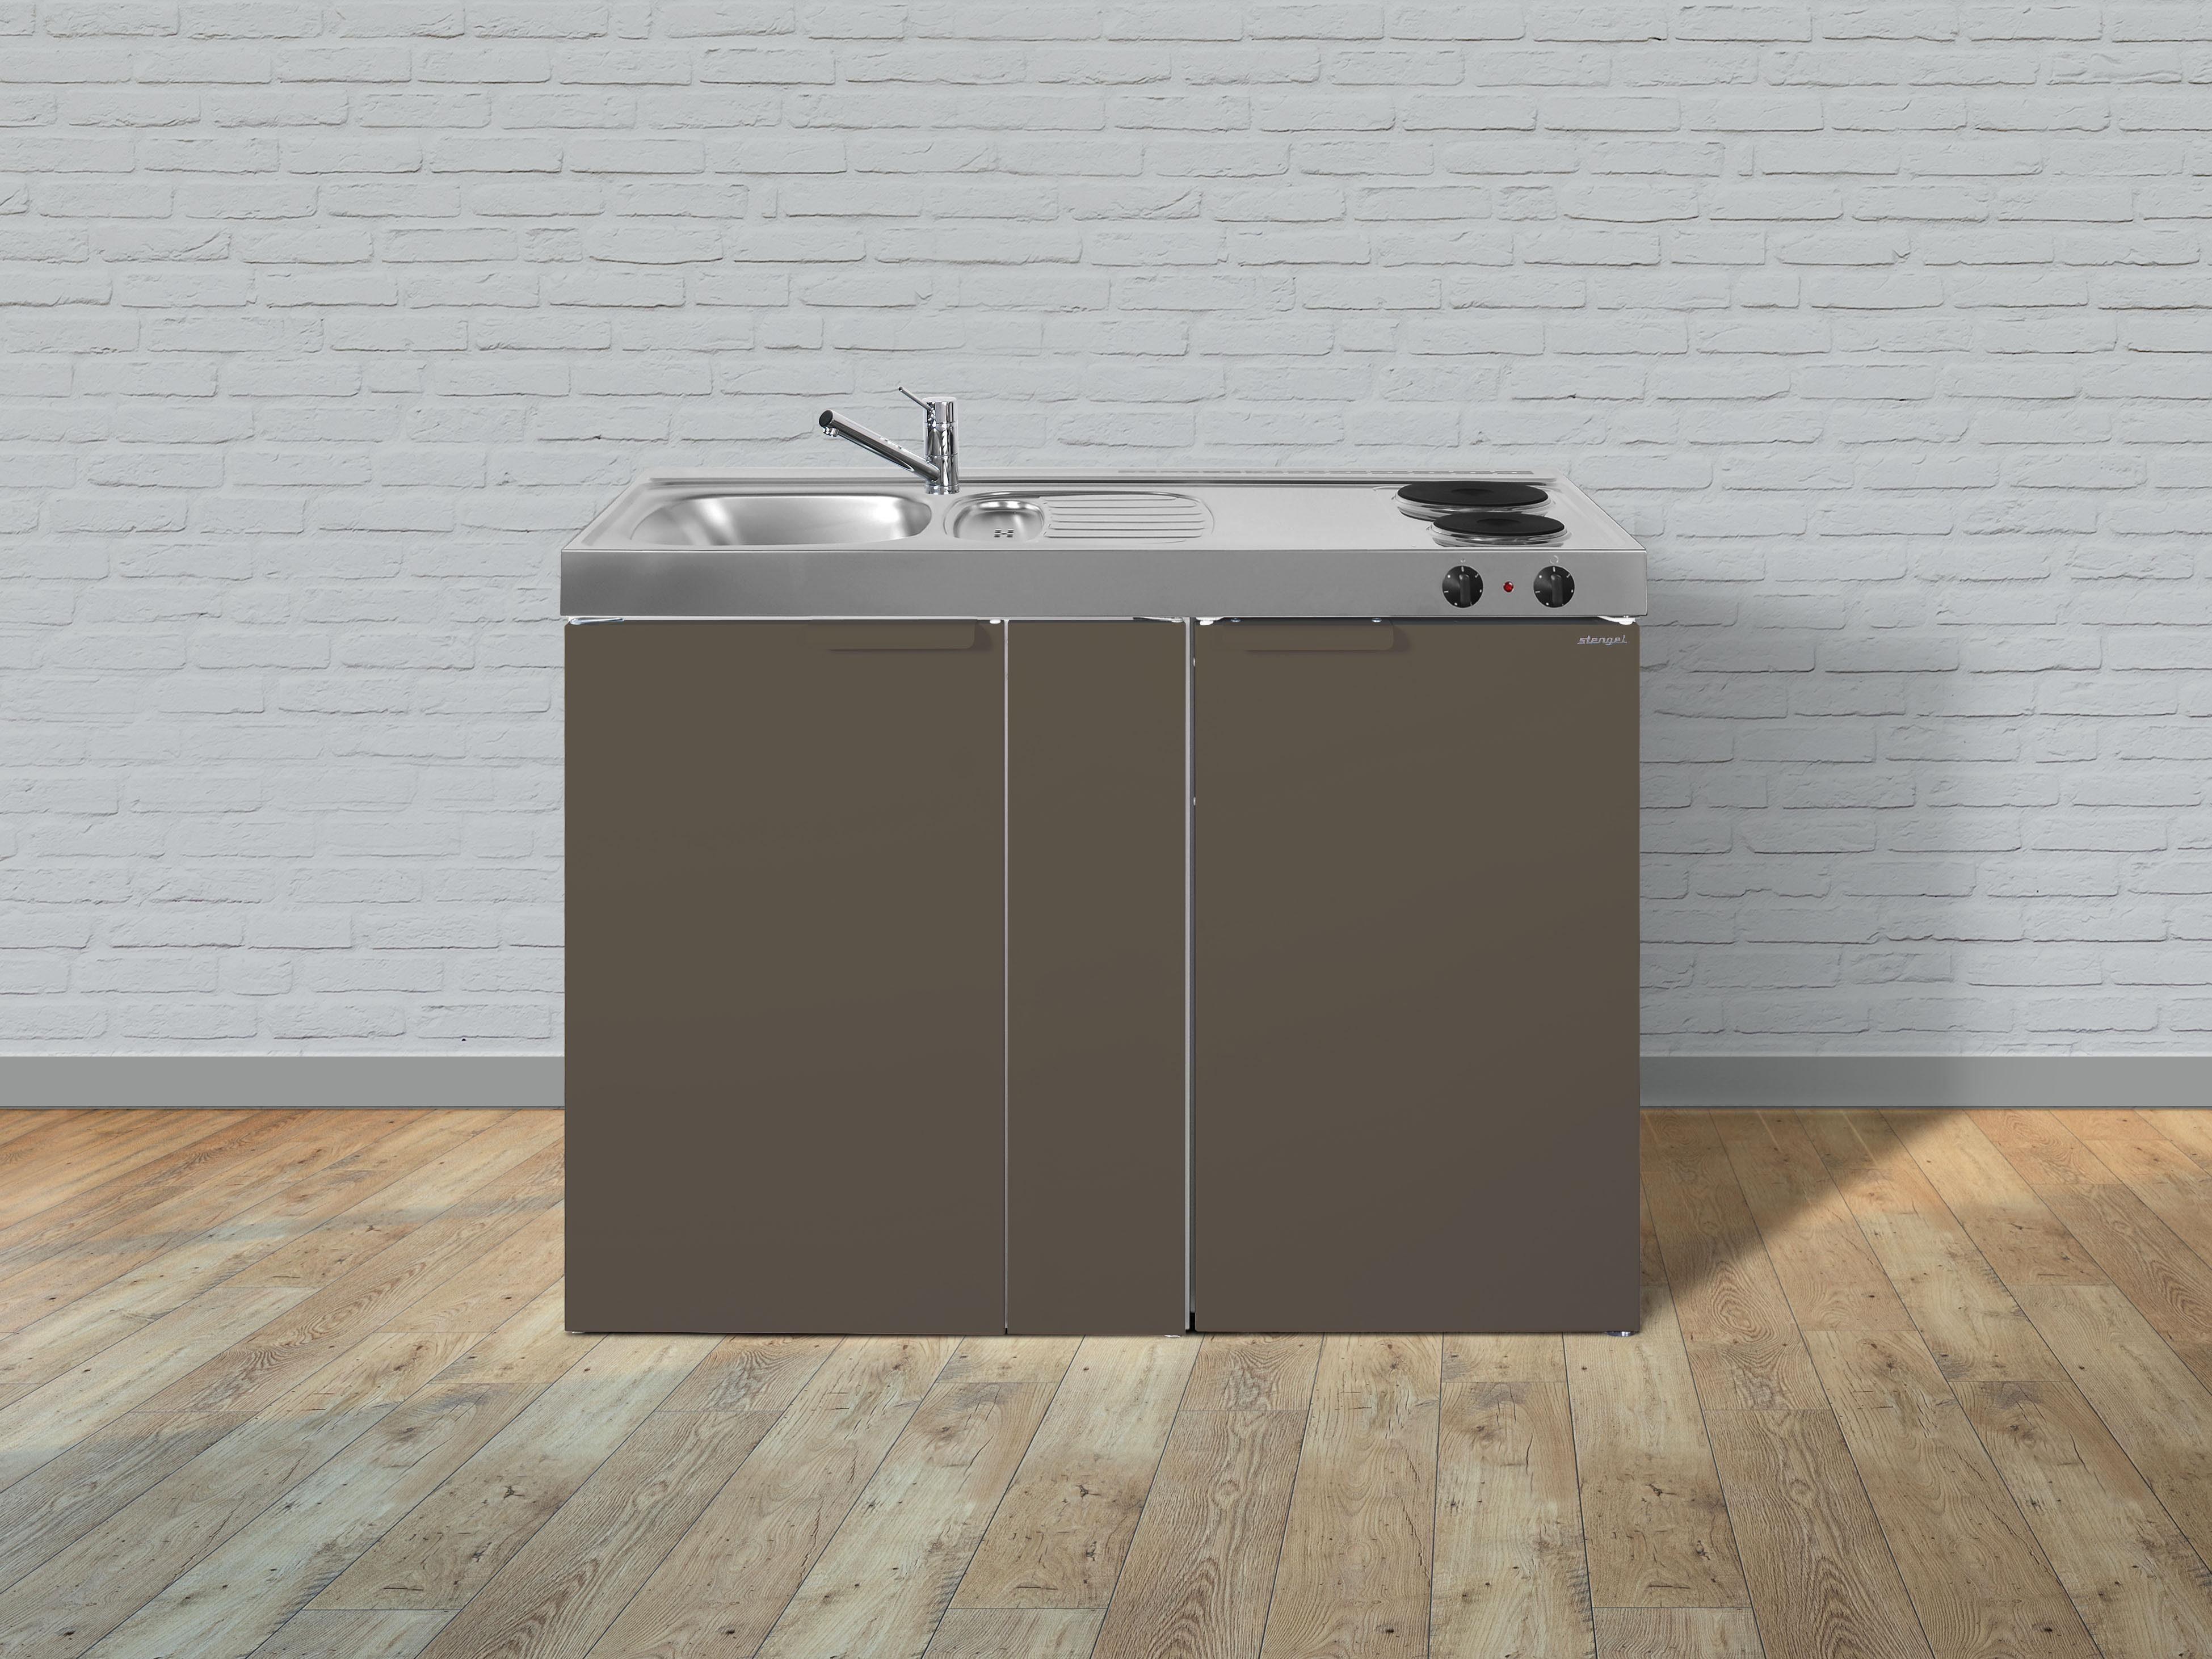 Miniküche Mit Kühlschrank 130 Cm : Stengel metall miniküche kitchenline mk kühlschrank elektro